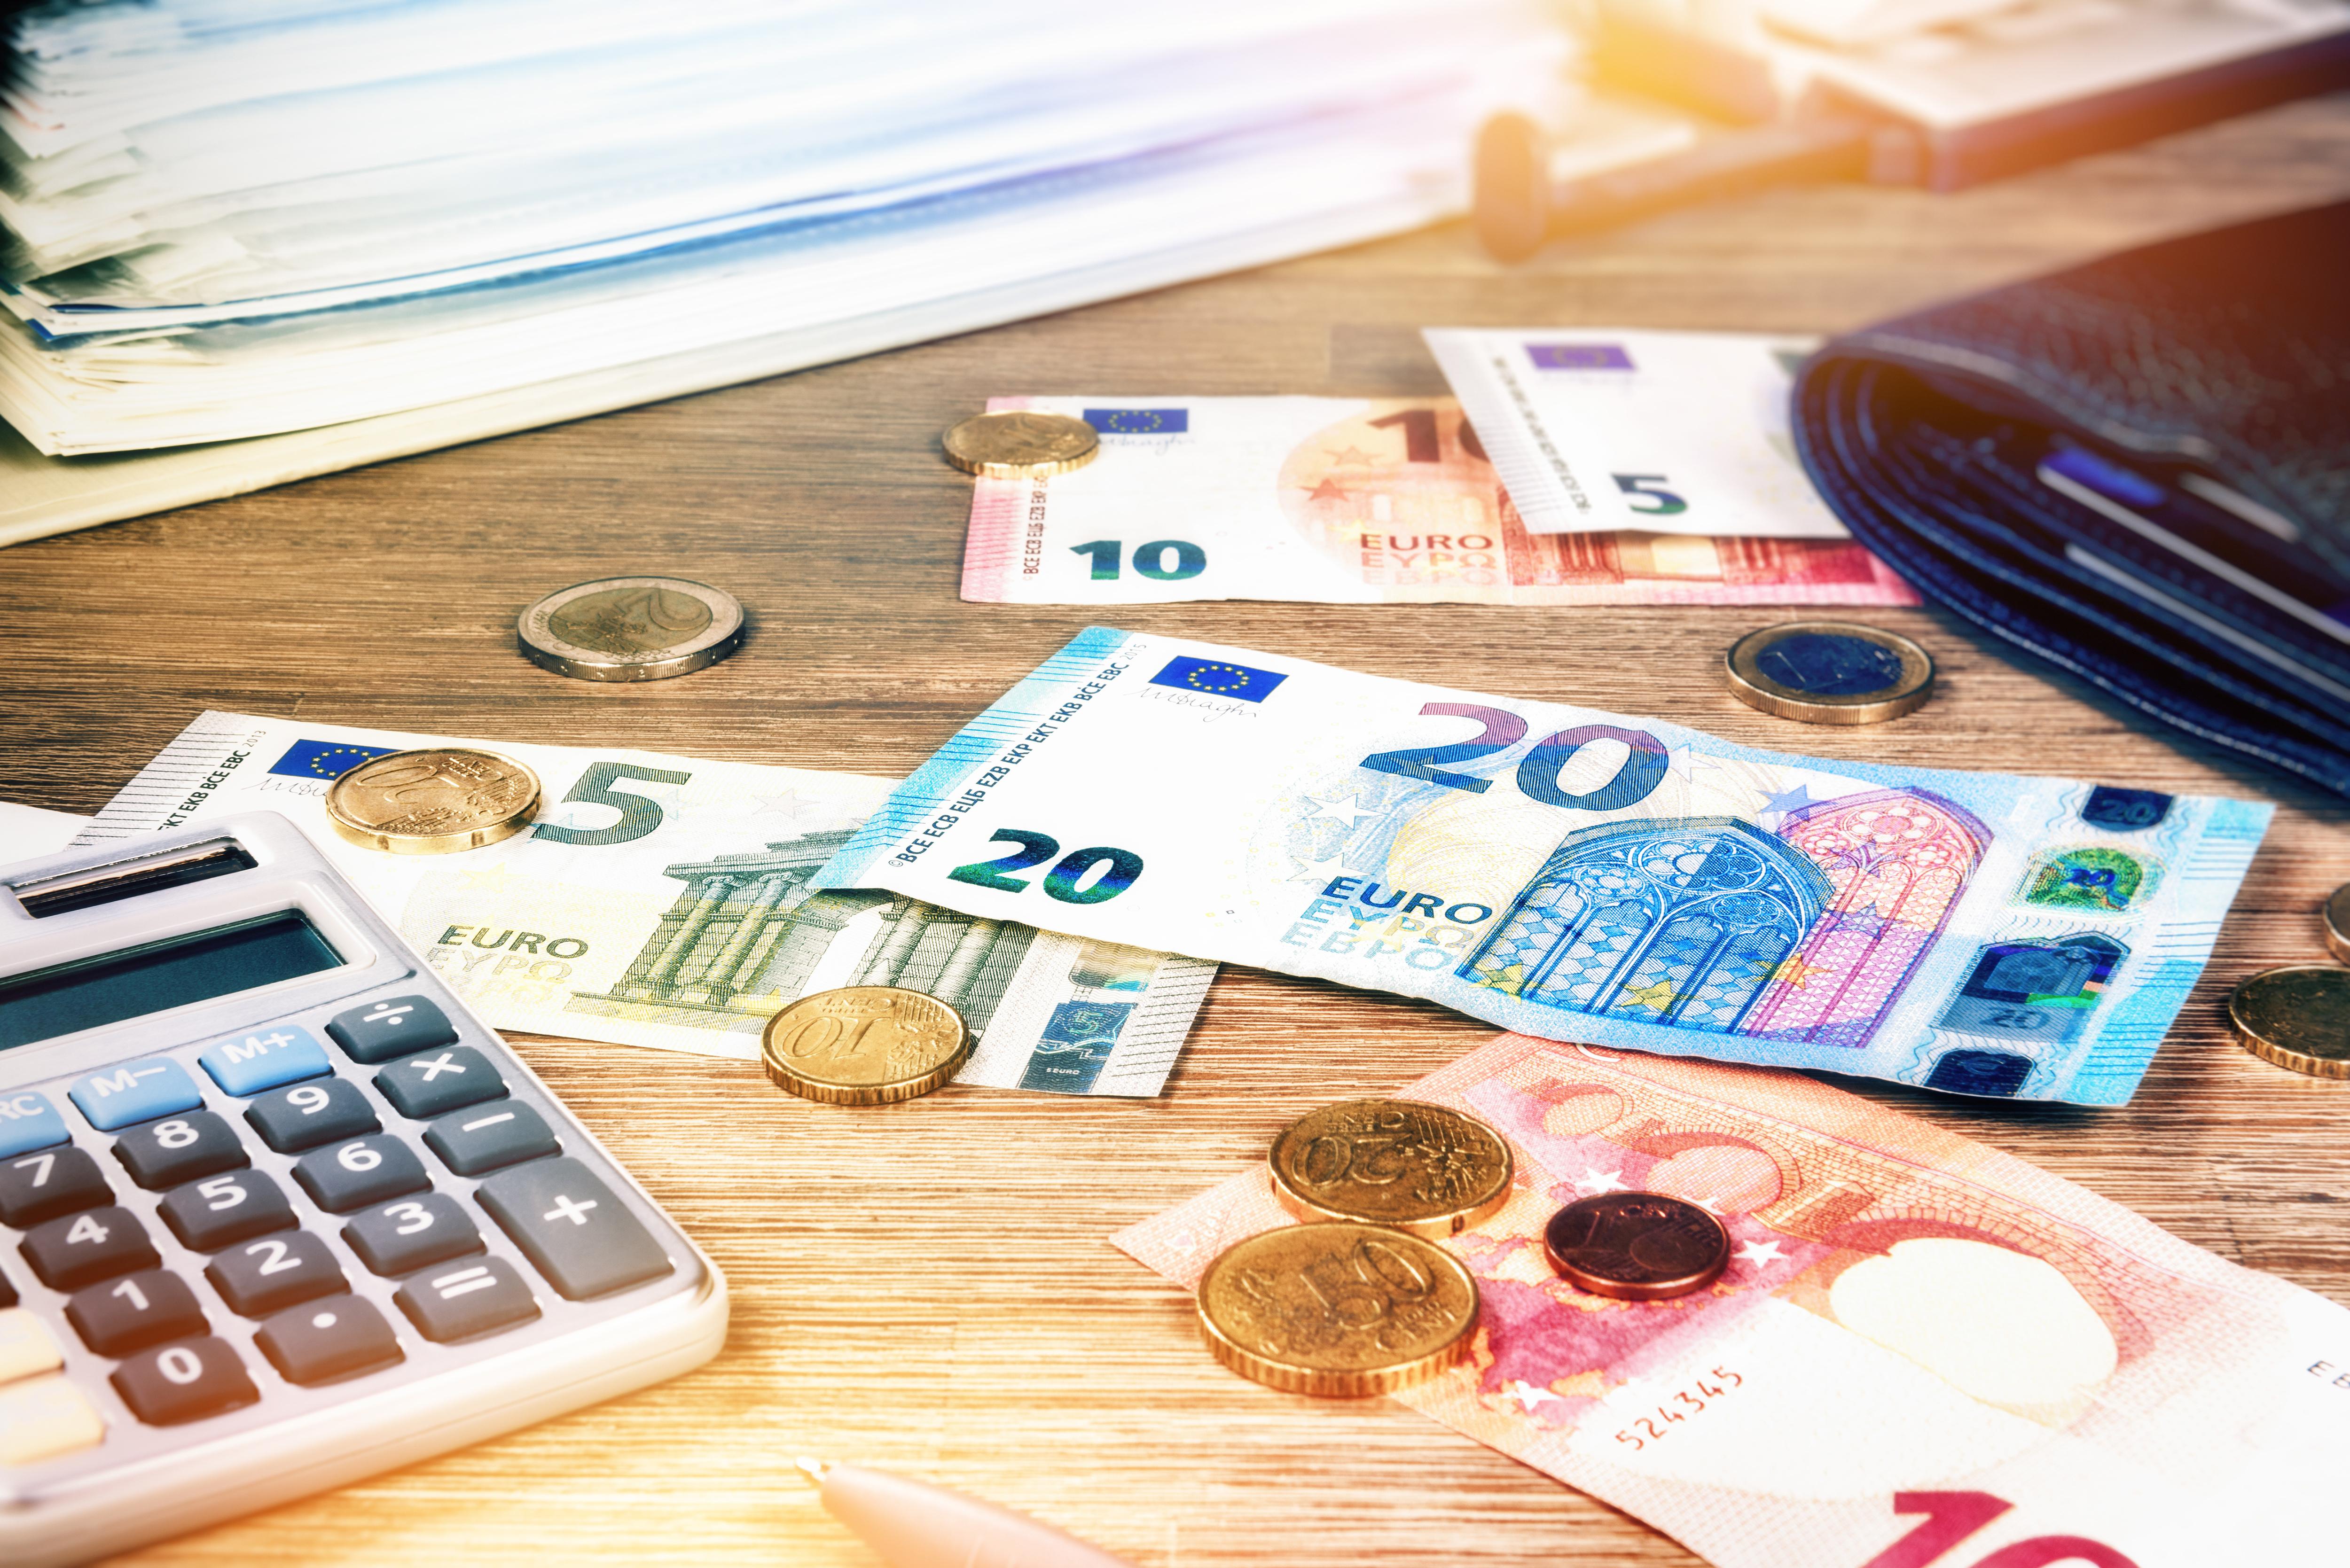 Euro-Banknoten und -münzen auf Holztisch neben Taschenrechner, Geldbörse und Aktenordner